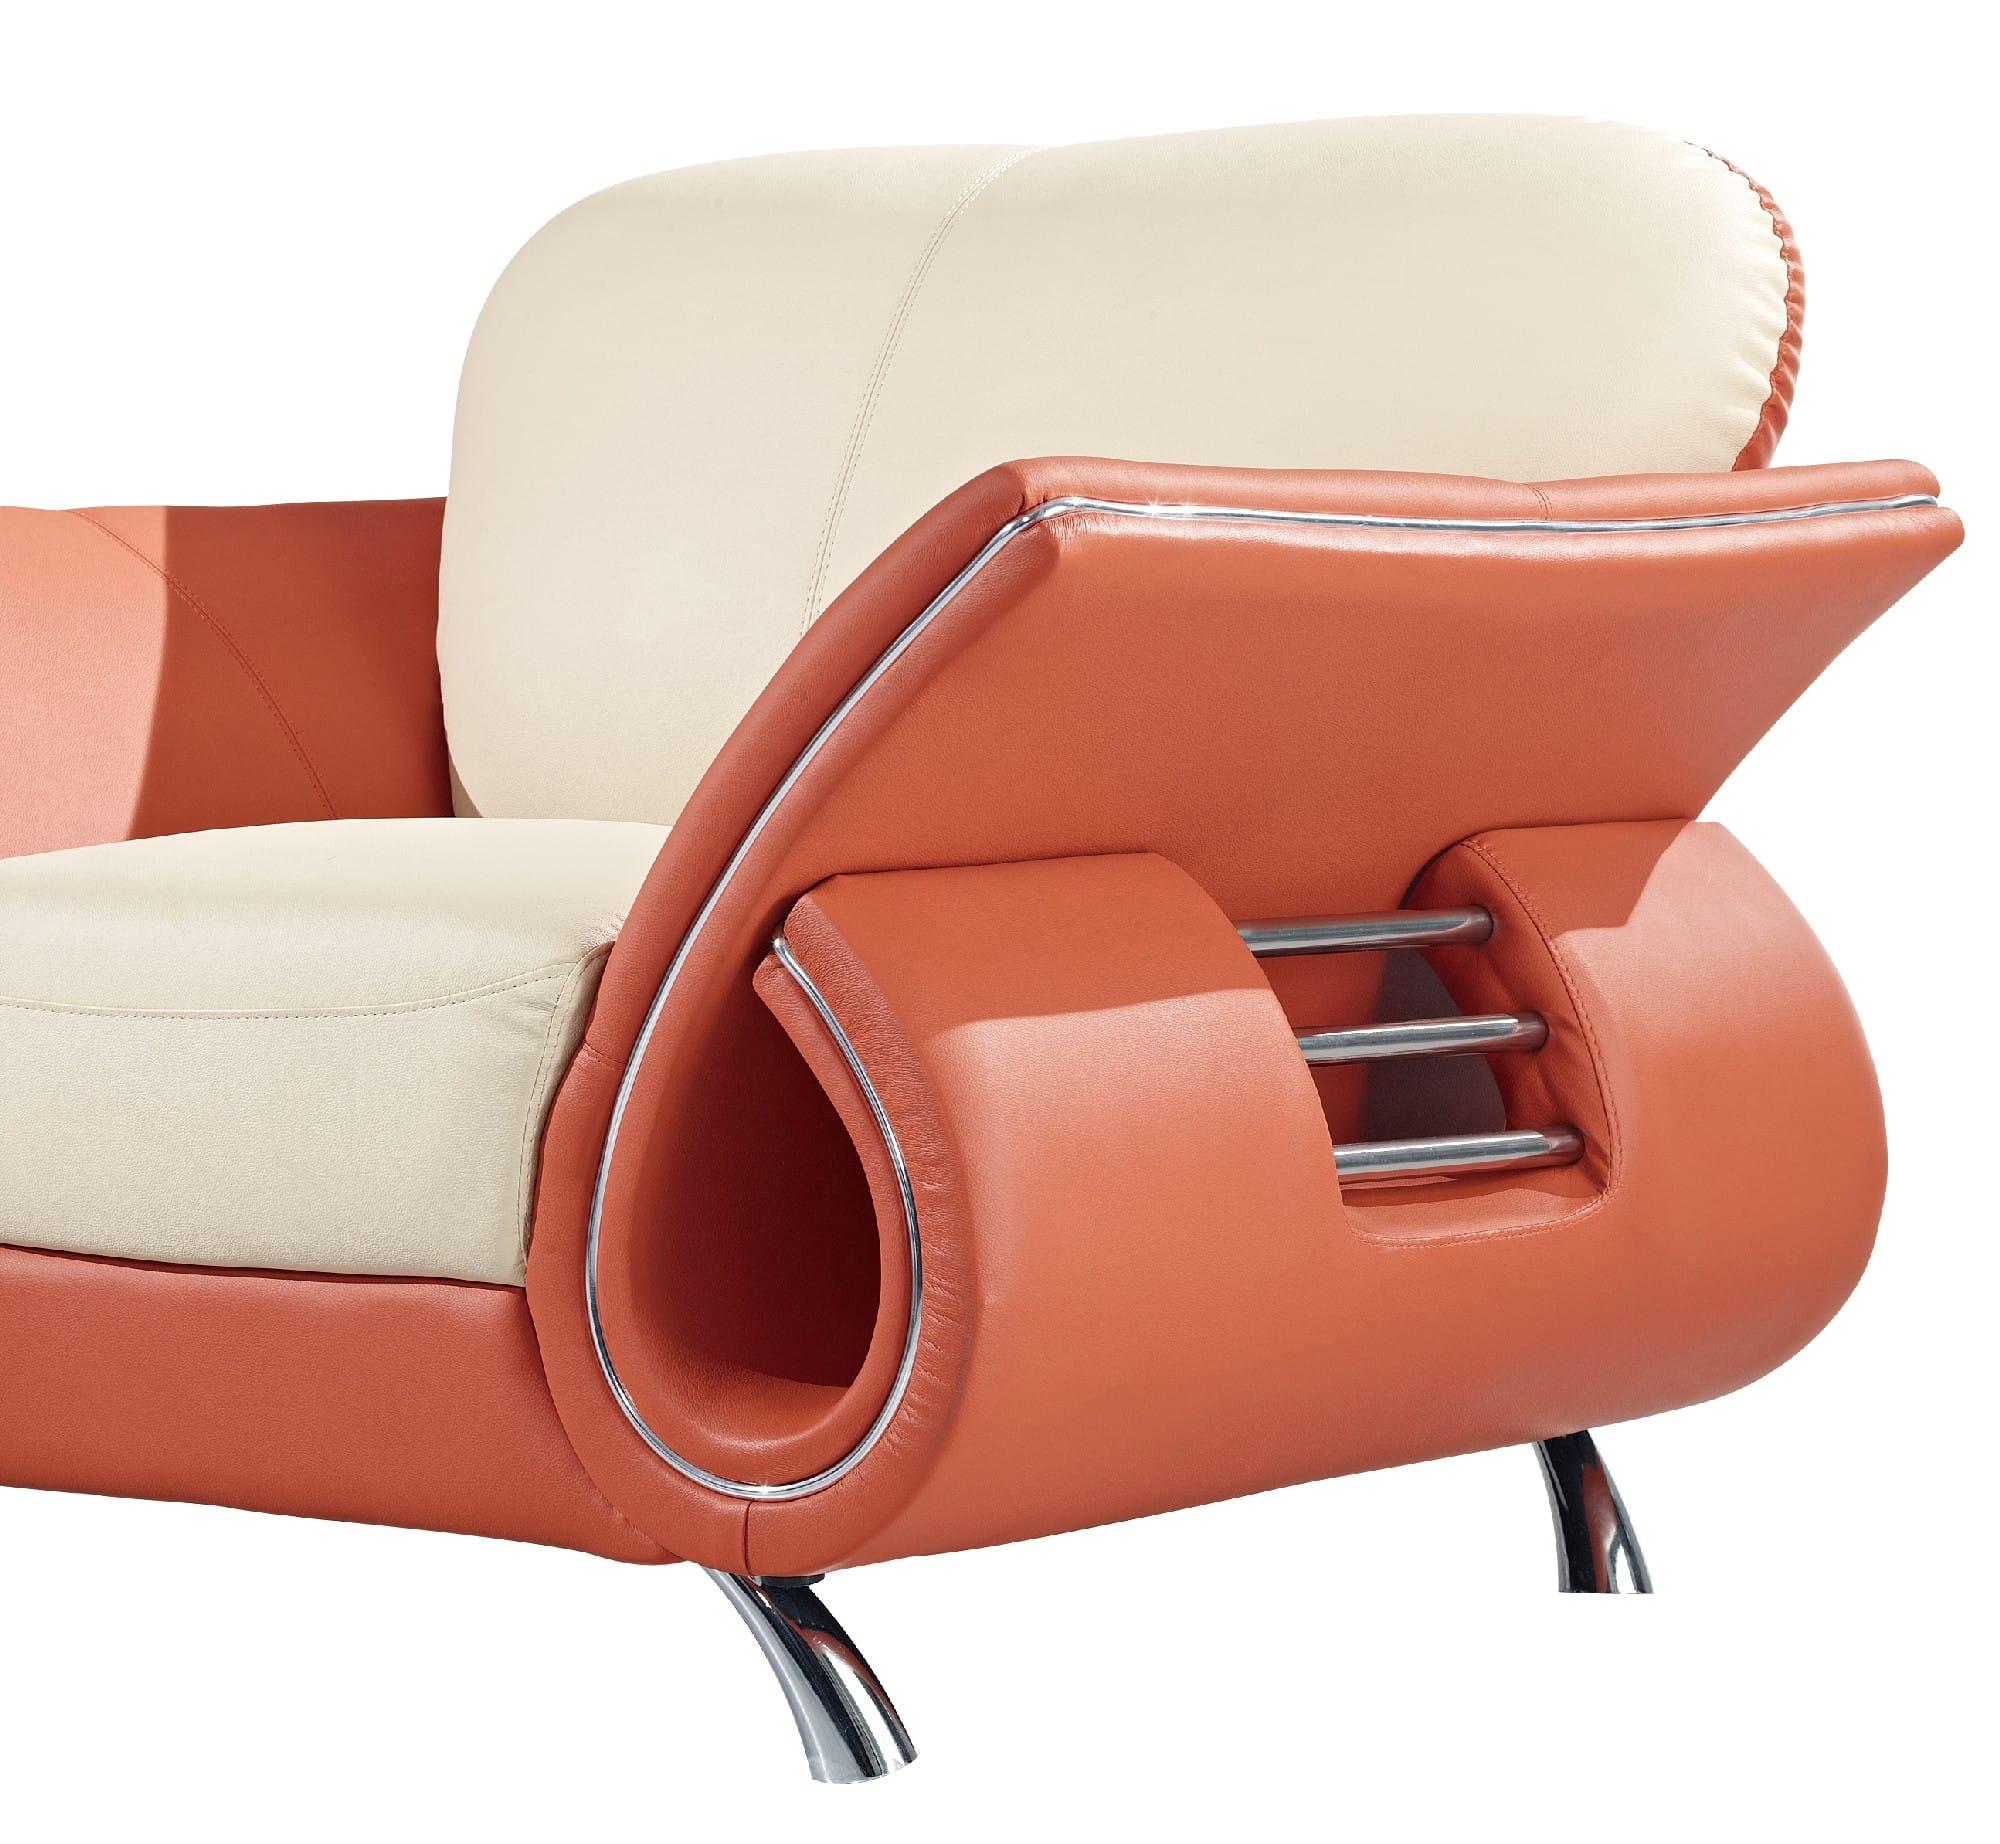 U559 beige orange leather sofa by global furniture for Sofa global 6450